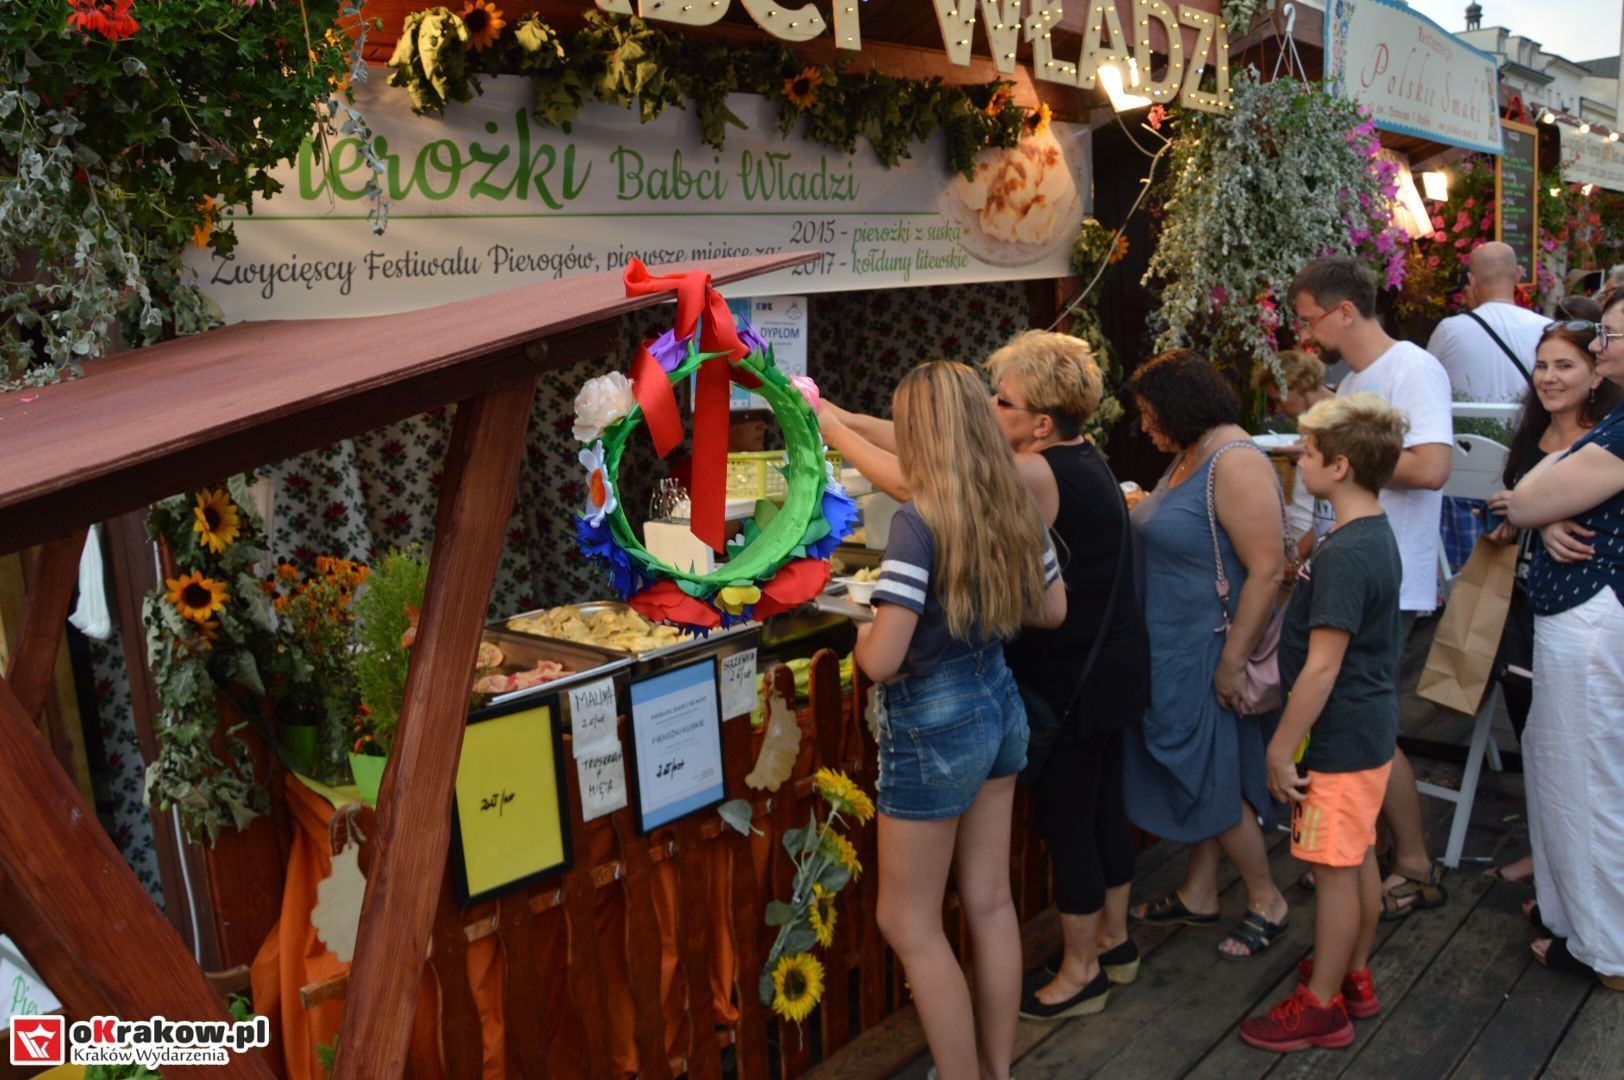 krakow festiwal pierogow maly rynek koncert cheap tobacco 23 150x150 - Galeria zdjęć Festiwal Pierogów Kraków 2018 + zdjęcia z koncertu Cheap Tobacco